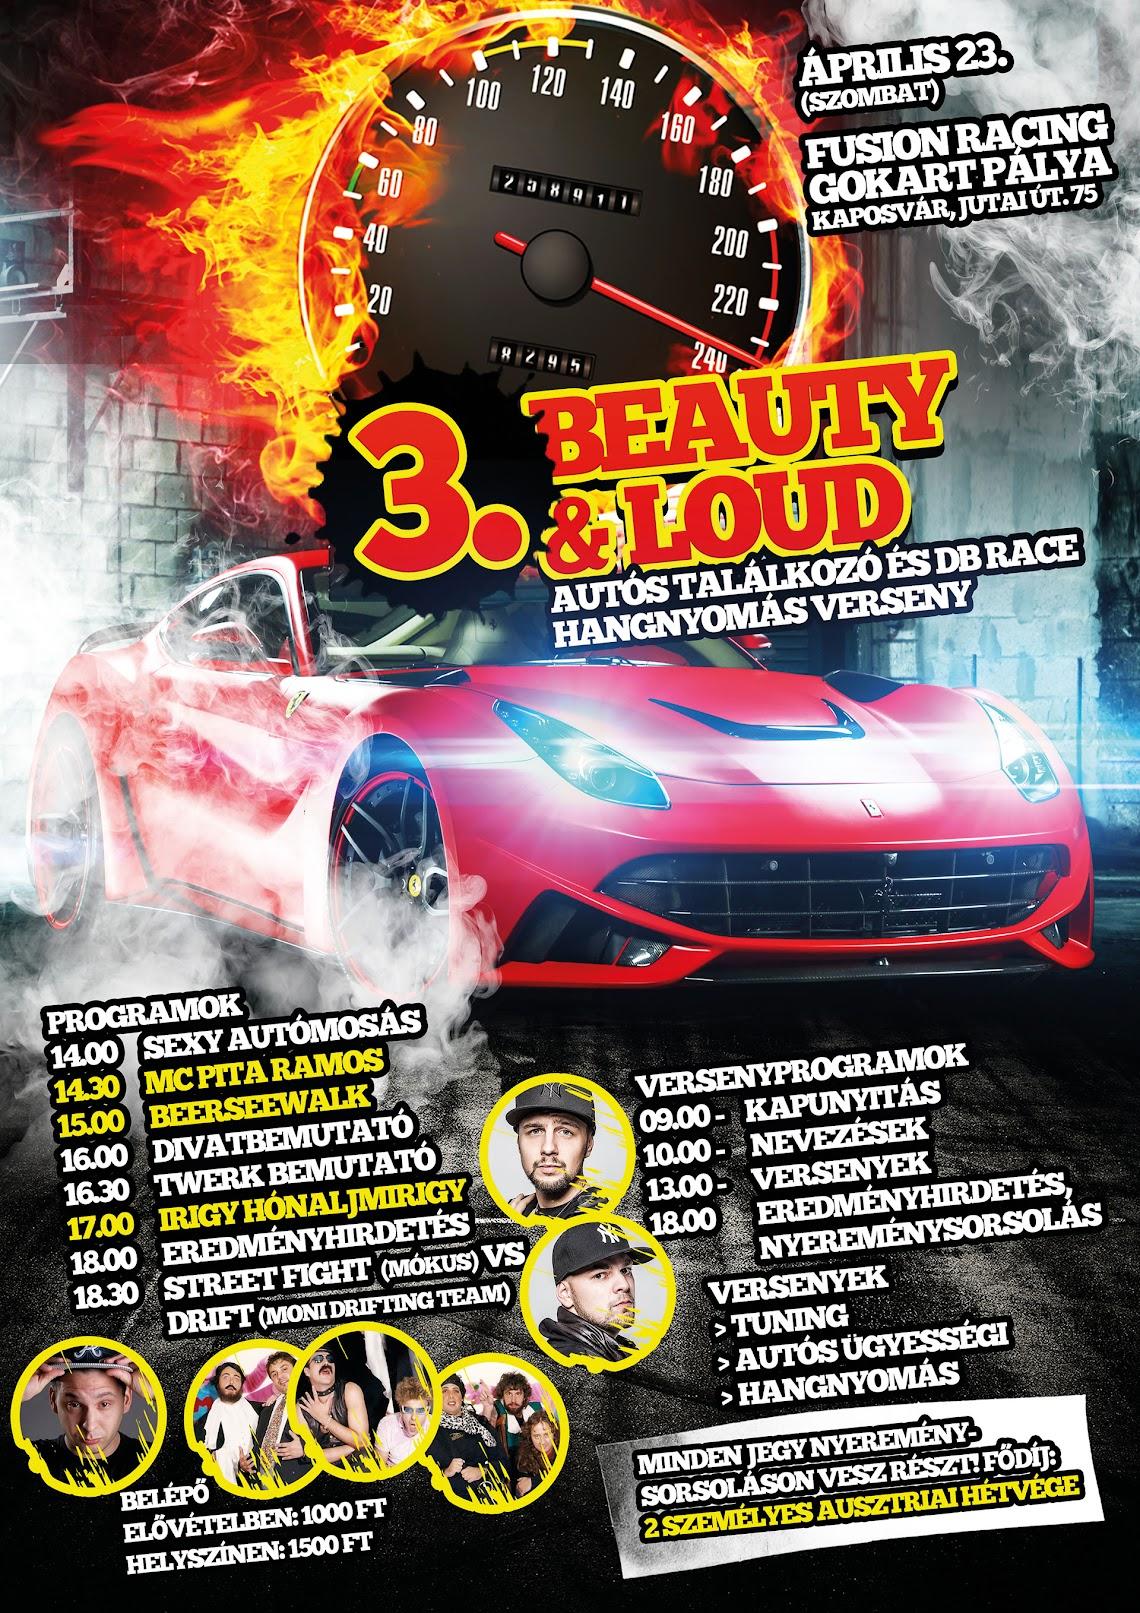 3. Beauty and loud autós találkozó Kaposvár